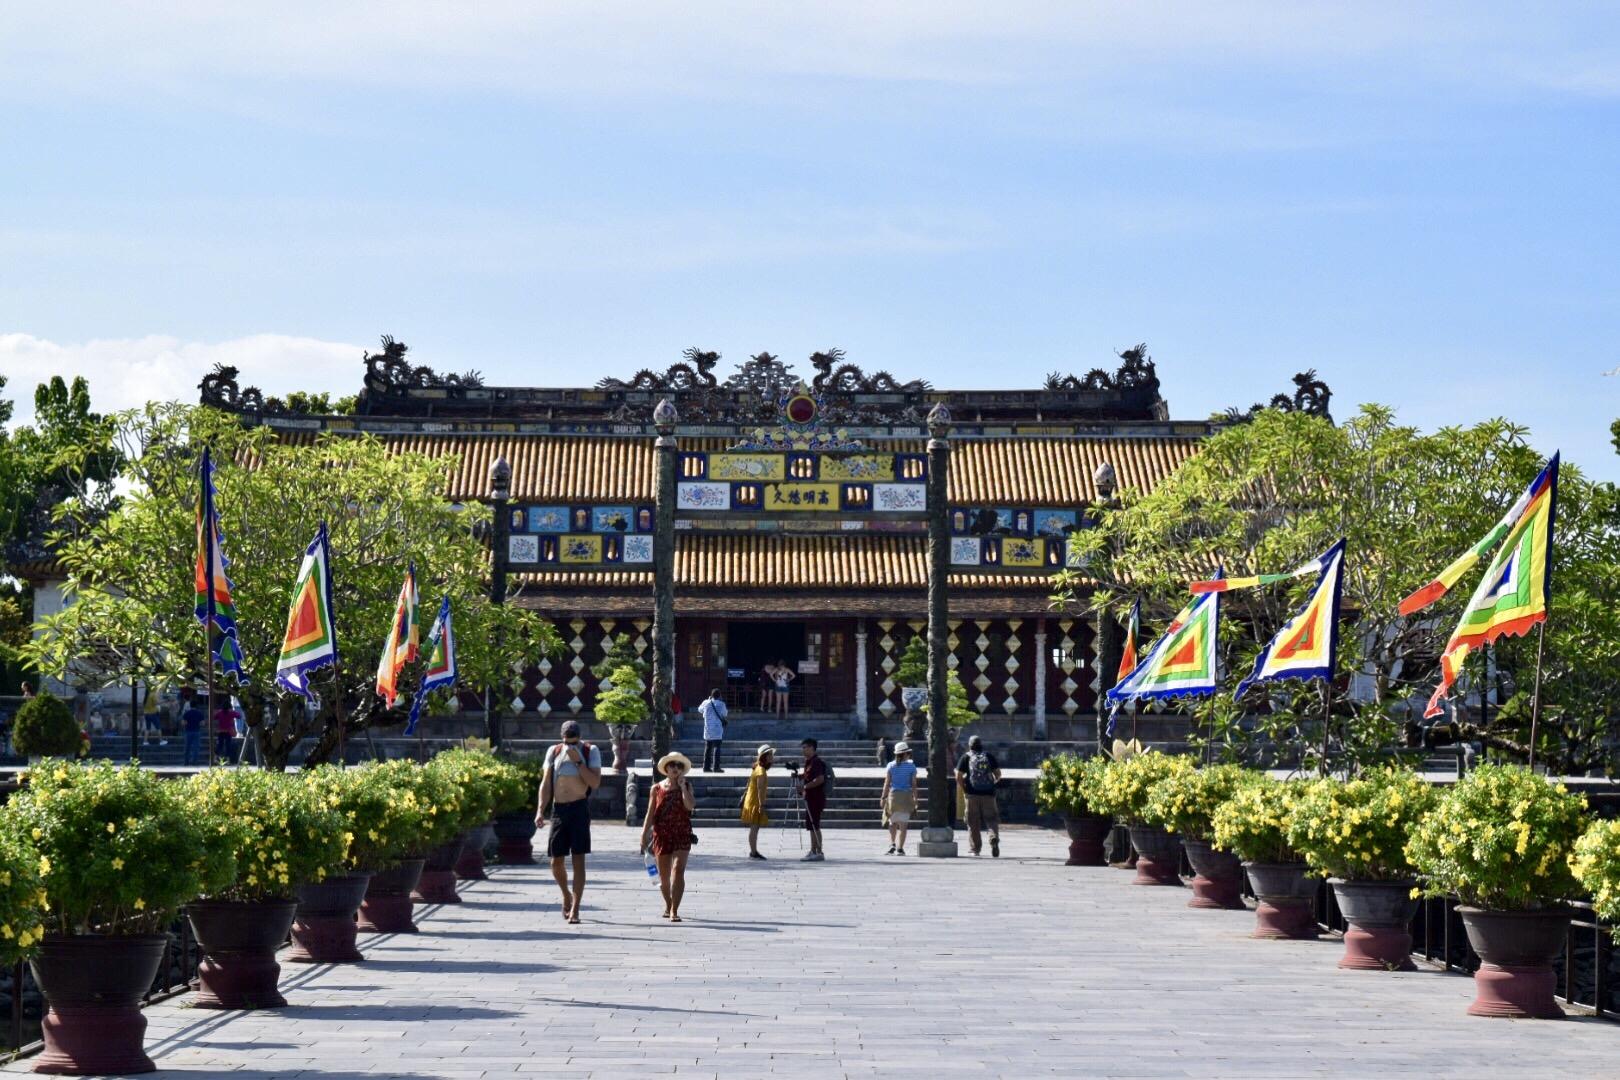 【世界遺産の旅 】フエの歴史的建造物群(ベトナム)